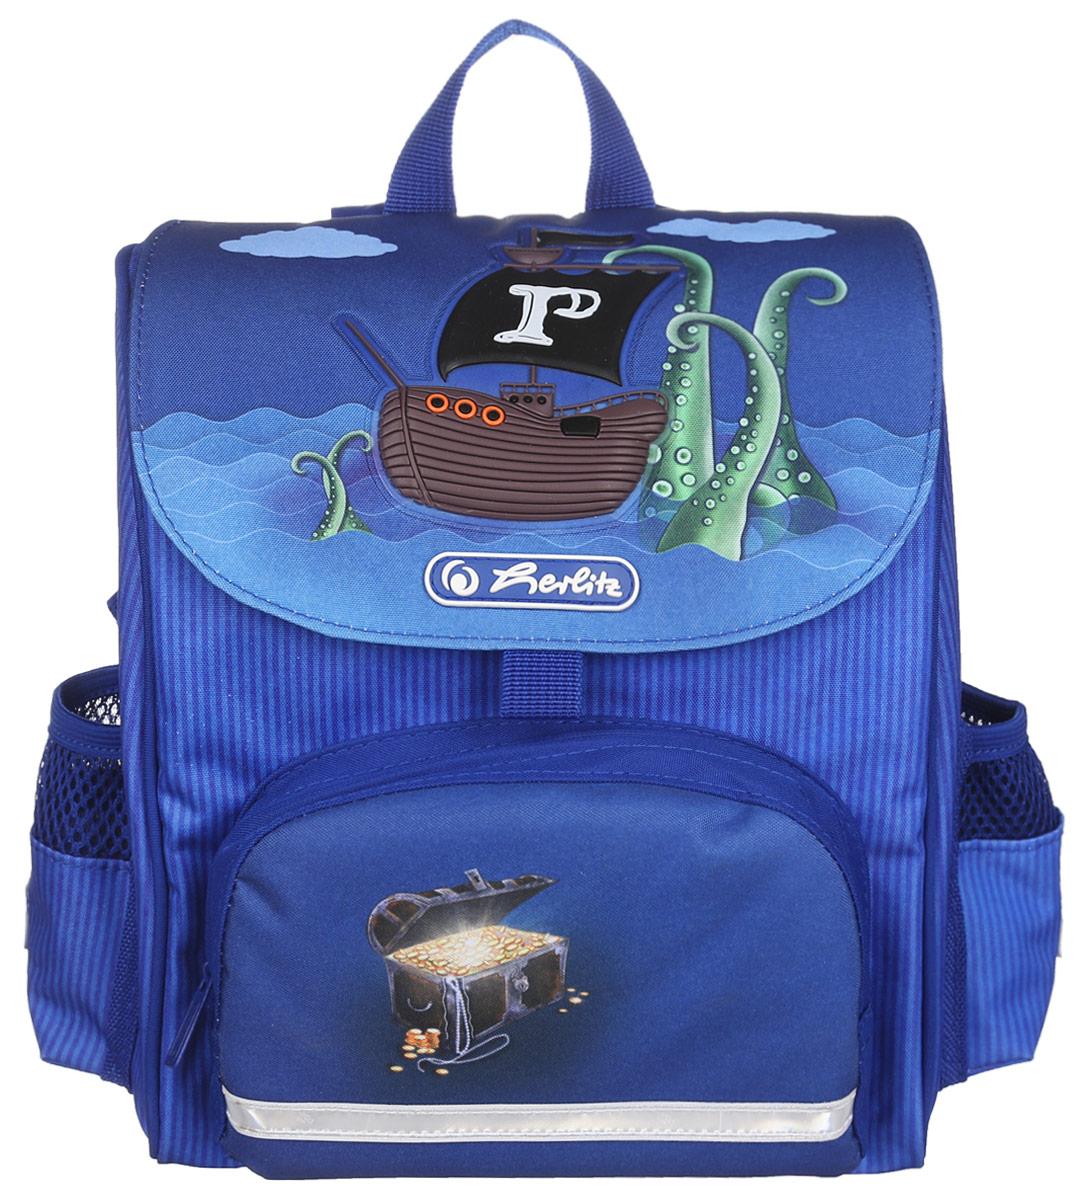 Herlitz Рюкзак дошкольный Mini Softbag11408325Дошкольный рюкзак Herlitz Mini Softbag - это идеальная модель, разработанная специально для дошкольников. Рюкзак оснащен всеми деталями взрослого школьного изделия. Рюкзак имеет одно просторное внутреннее отделение, закрывающееся клапаном на липучку. На лицевой стороне рюкзака находится накладной карман на молнии, а по бокам - два открытых кармана на резинках. В рюкзак превосходно поместятся цветные мелки, книжки-раскраски и игрушки. Рюкзак легко открывается и закрывается благодаря застежке на липучке Velcro Fastener. Ортопедическая спинка, созданная по специальной технологии из дышащего материала, равномерно распределяет нагрузку на плечевые суставы и спину. В нижней части спинки расположен поясничный упор - небольшой валик, на который при правильном ношении рюкзака будет приходиться основная нагрузка. Изделие оснащено удобной текстильной ручкой для переноски в руке и двумя лямками регулируемой длины. У рюкзака имеются светоотражатели.